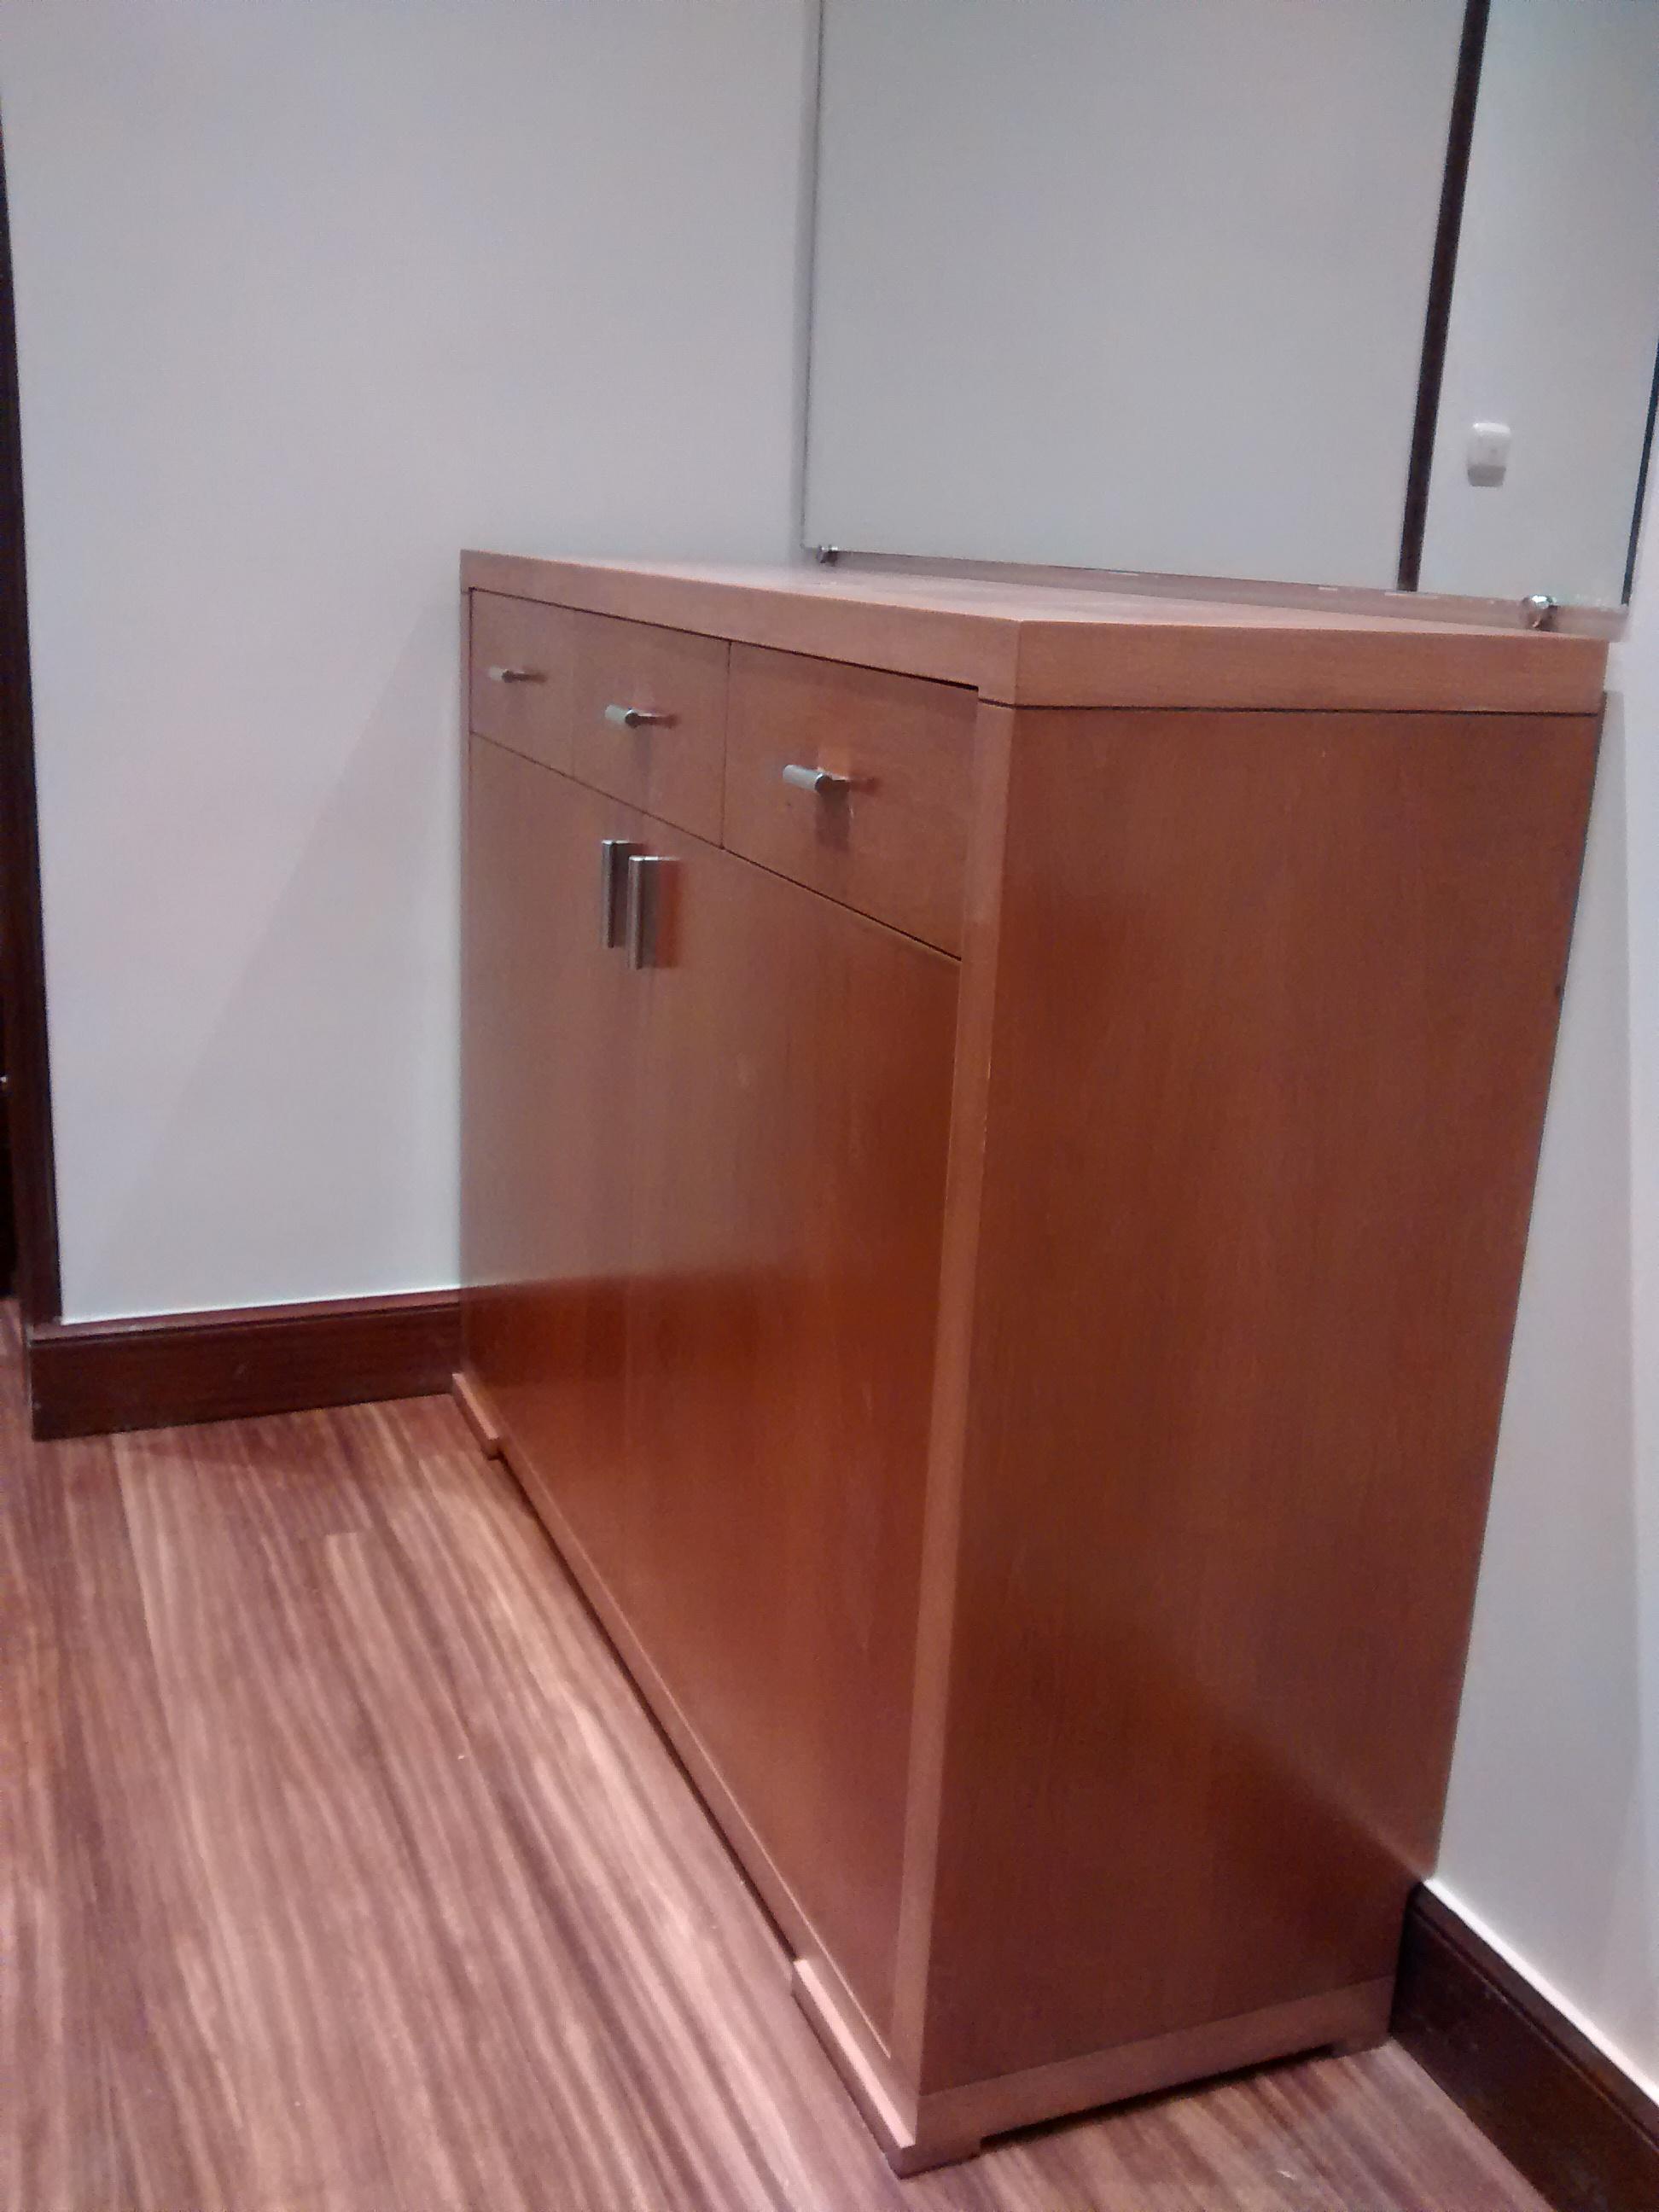 Muebles de entrada a casa egur lanak - Muebles entrada casa ...